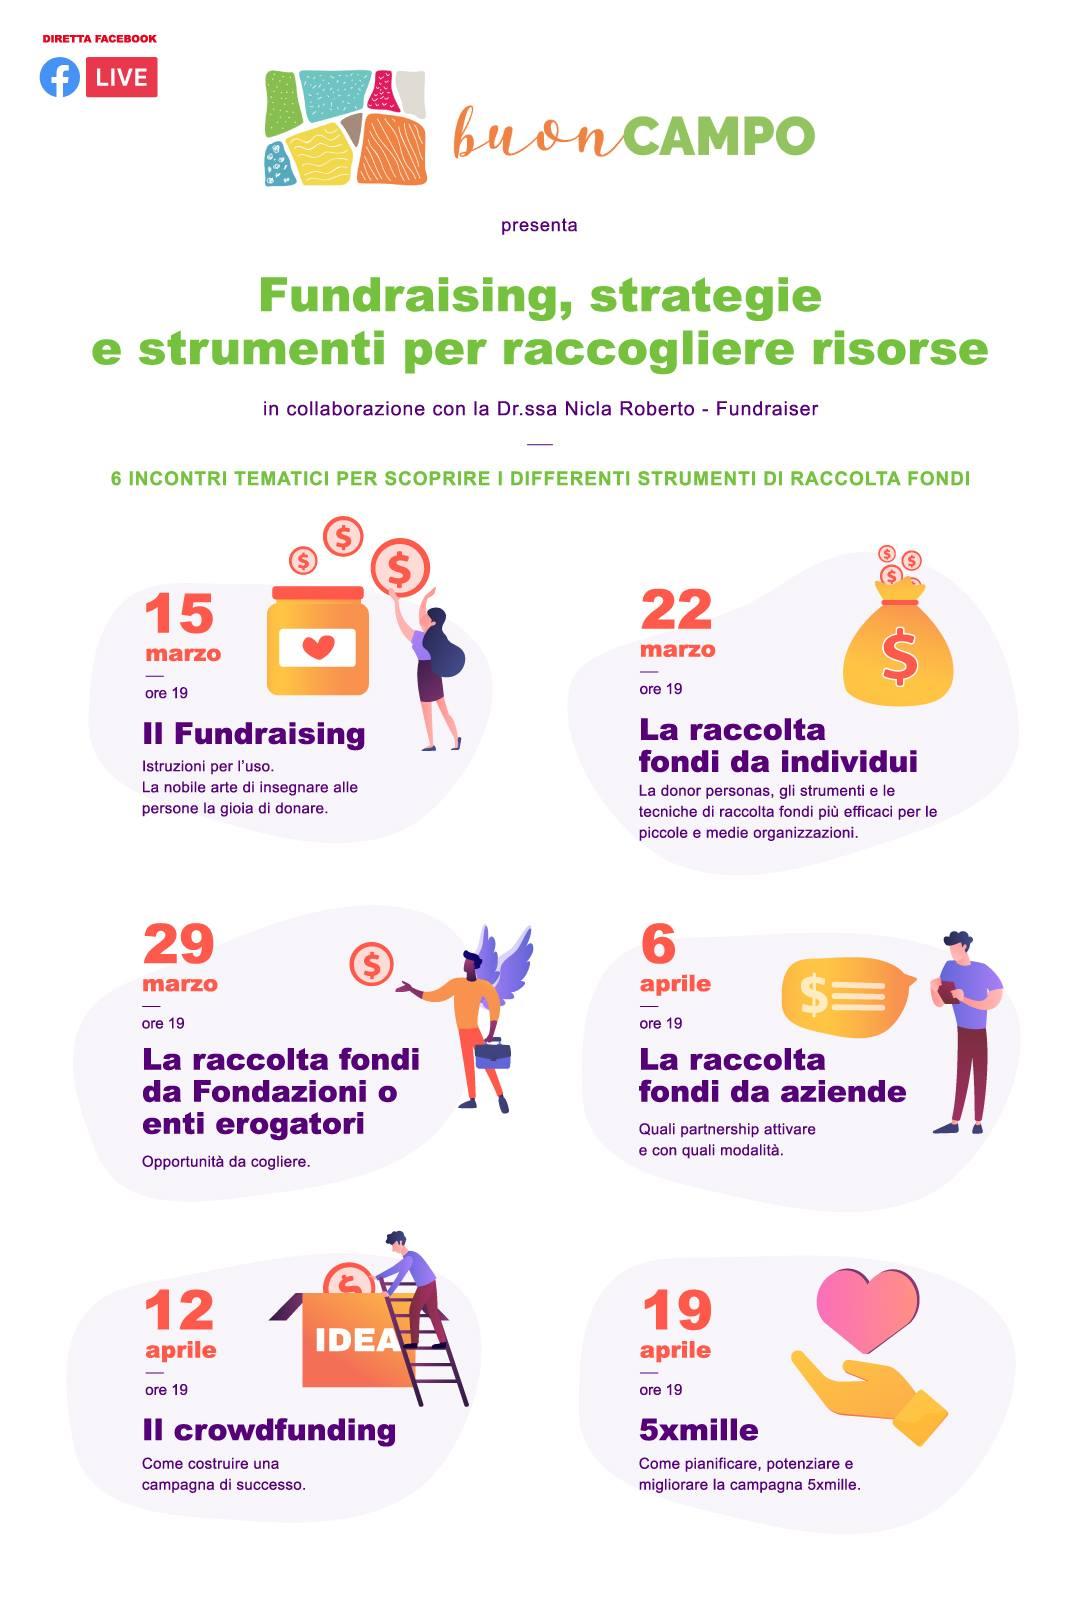 Locandina Fundraising, strategie e strumenti per raccogliere risorse BuonCampo 2021